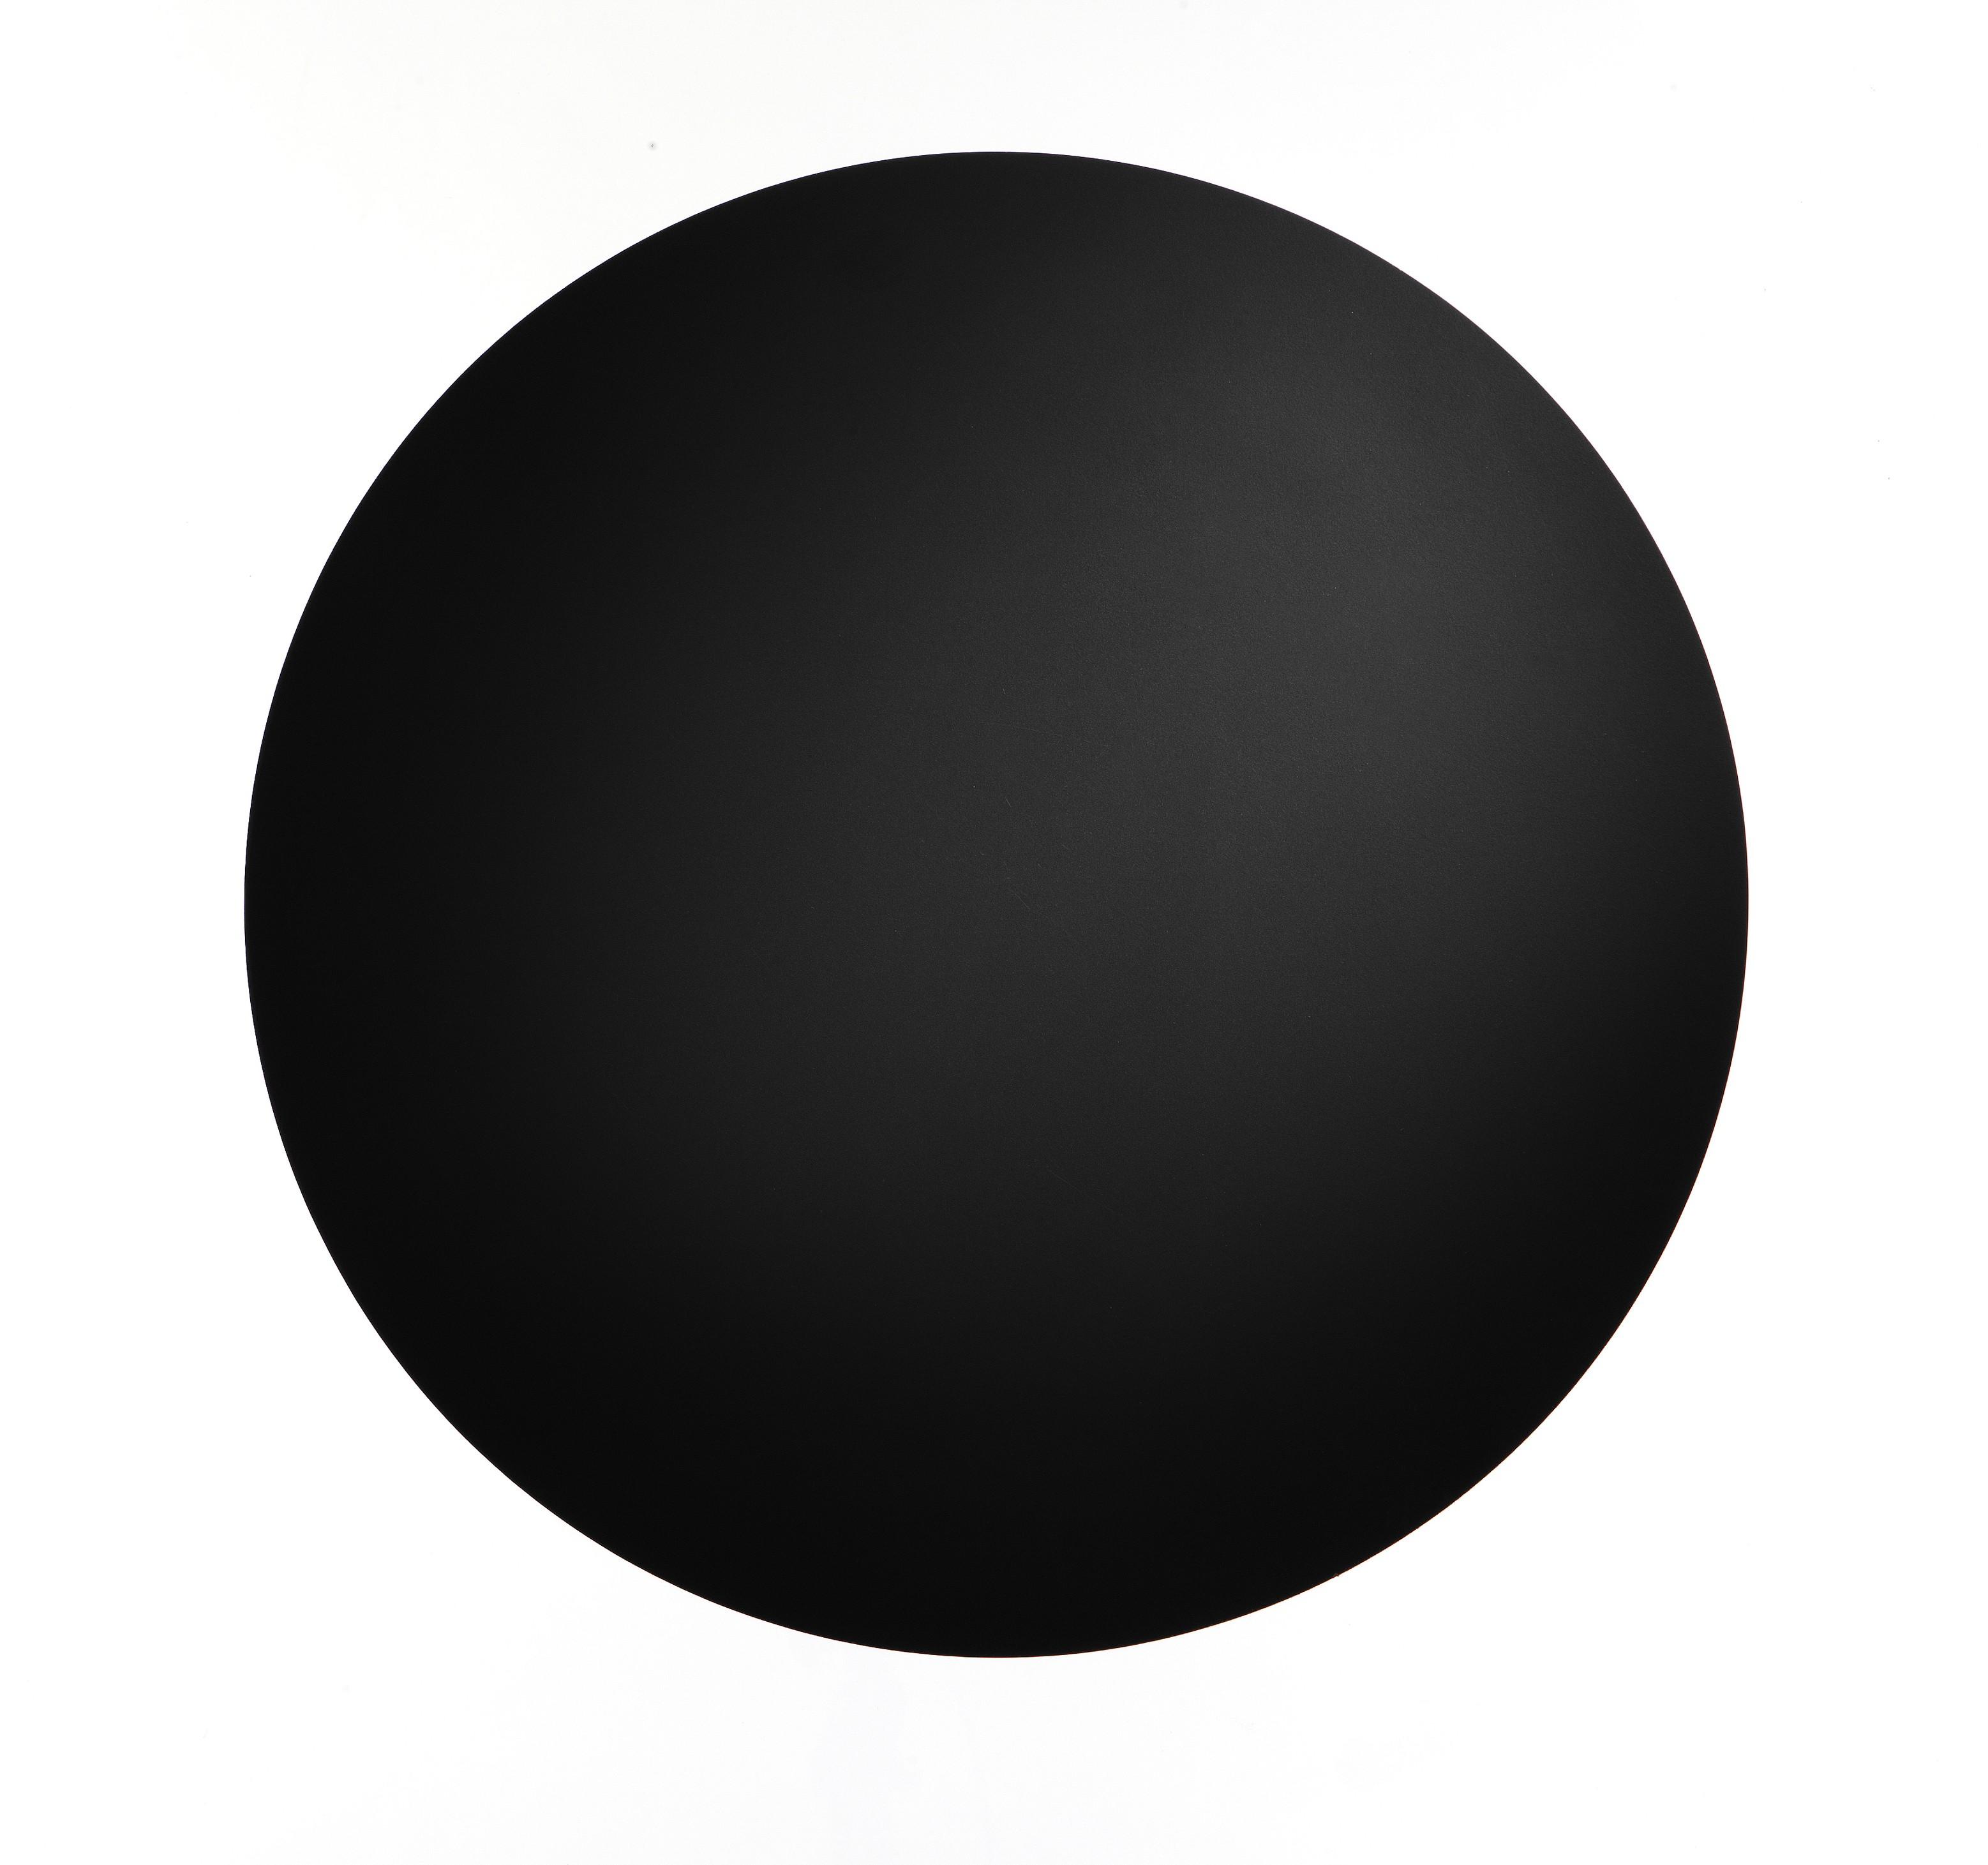 картинка круг черного цвета позволяет фотографировать как